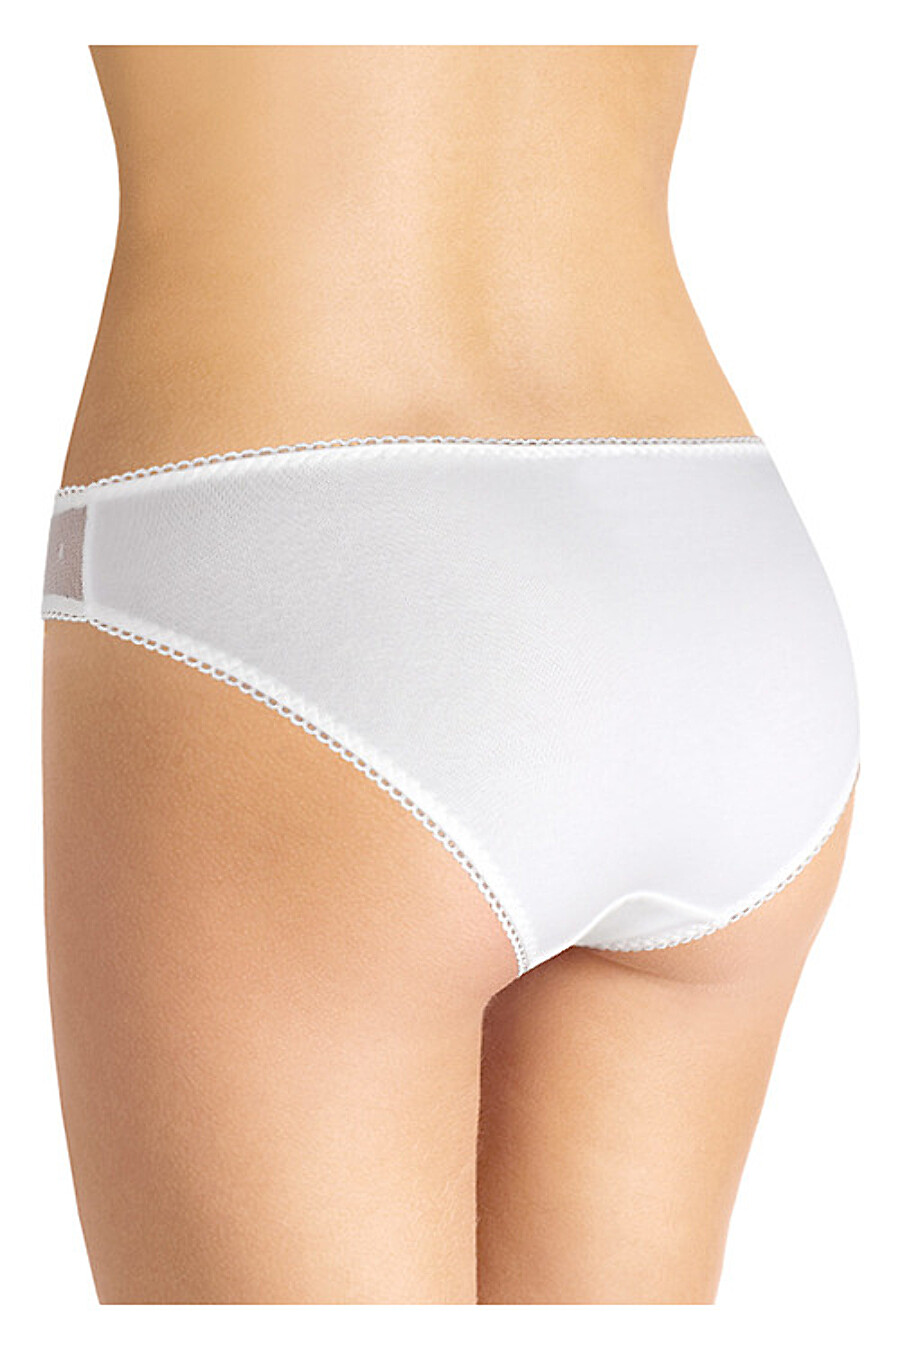 Трусы для женщин CLEVER 151933 купить оптом от производителя. Совместная покупка женской одежды в OptMoyo